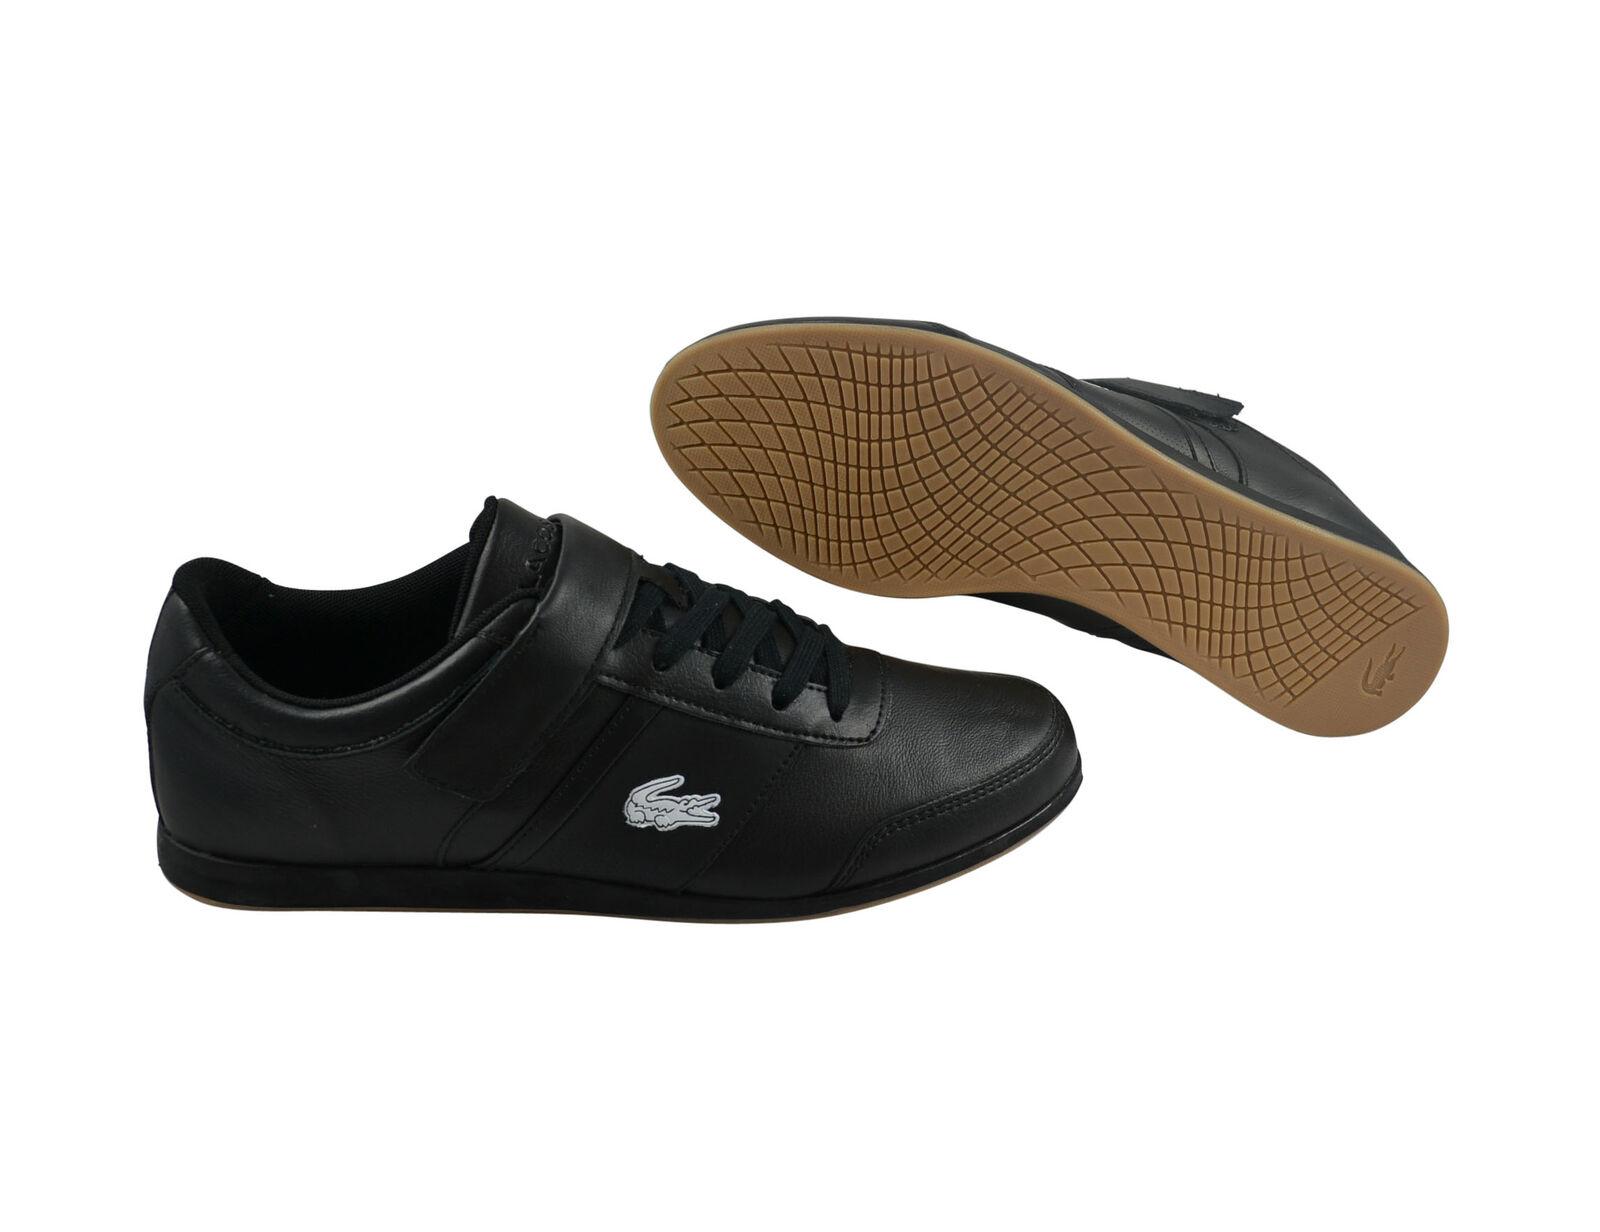 Lacoste Embrun REI SPM black/black Schuhe/Sneaker Größenauswahl!